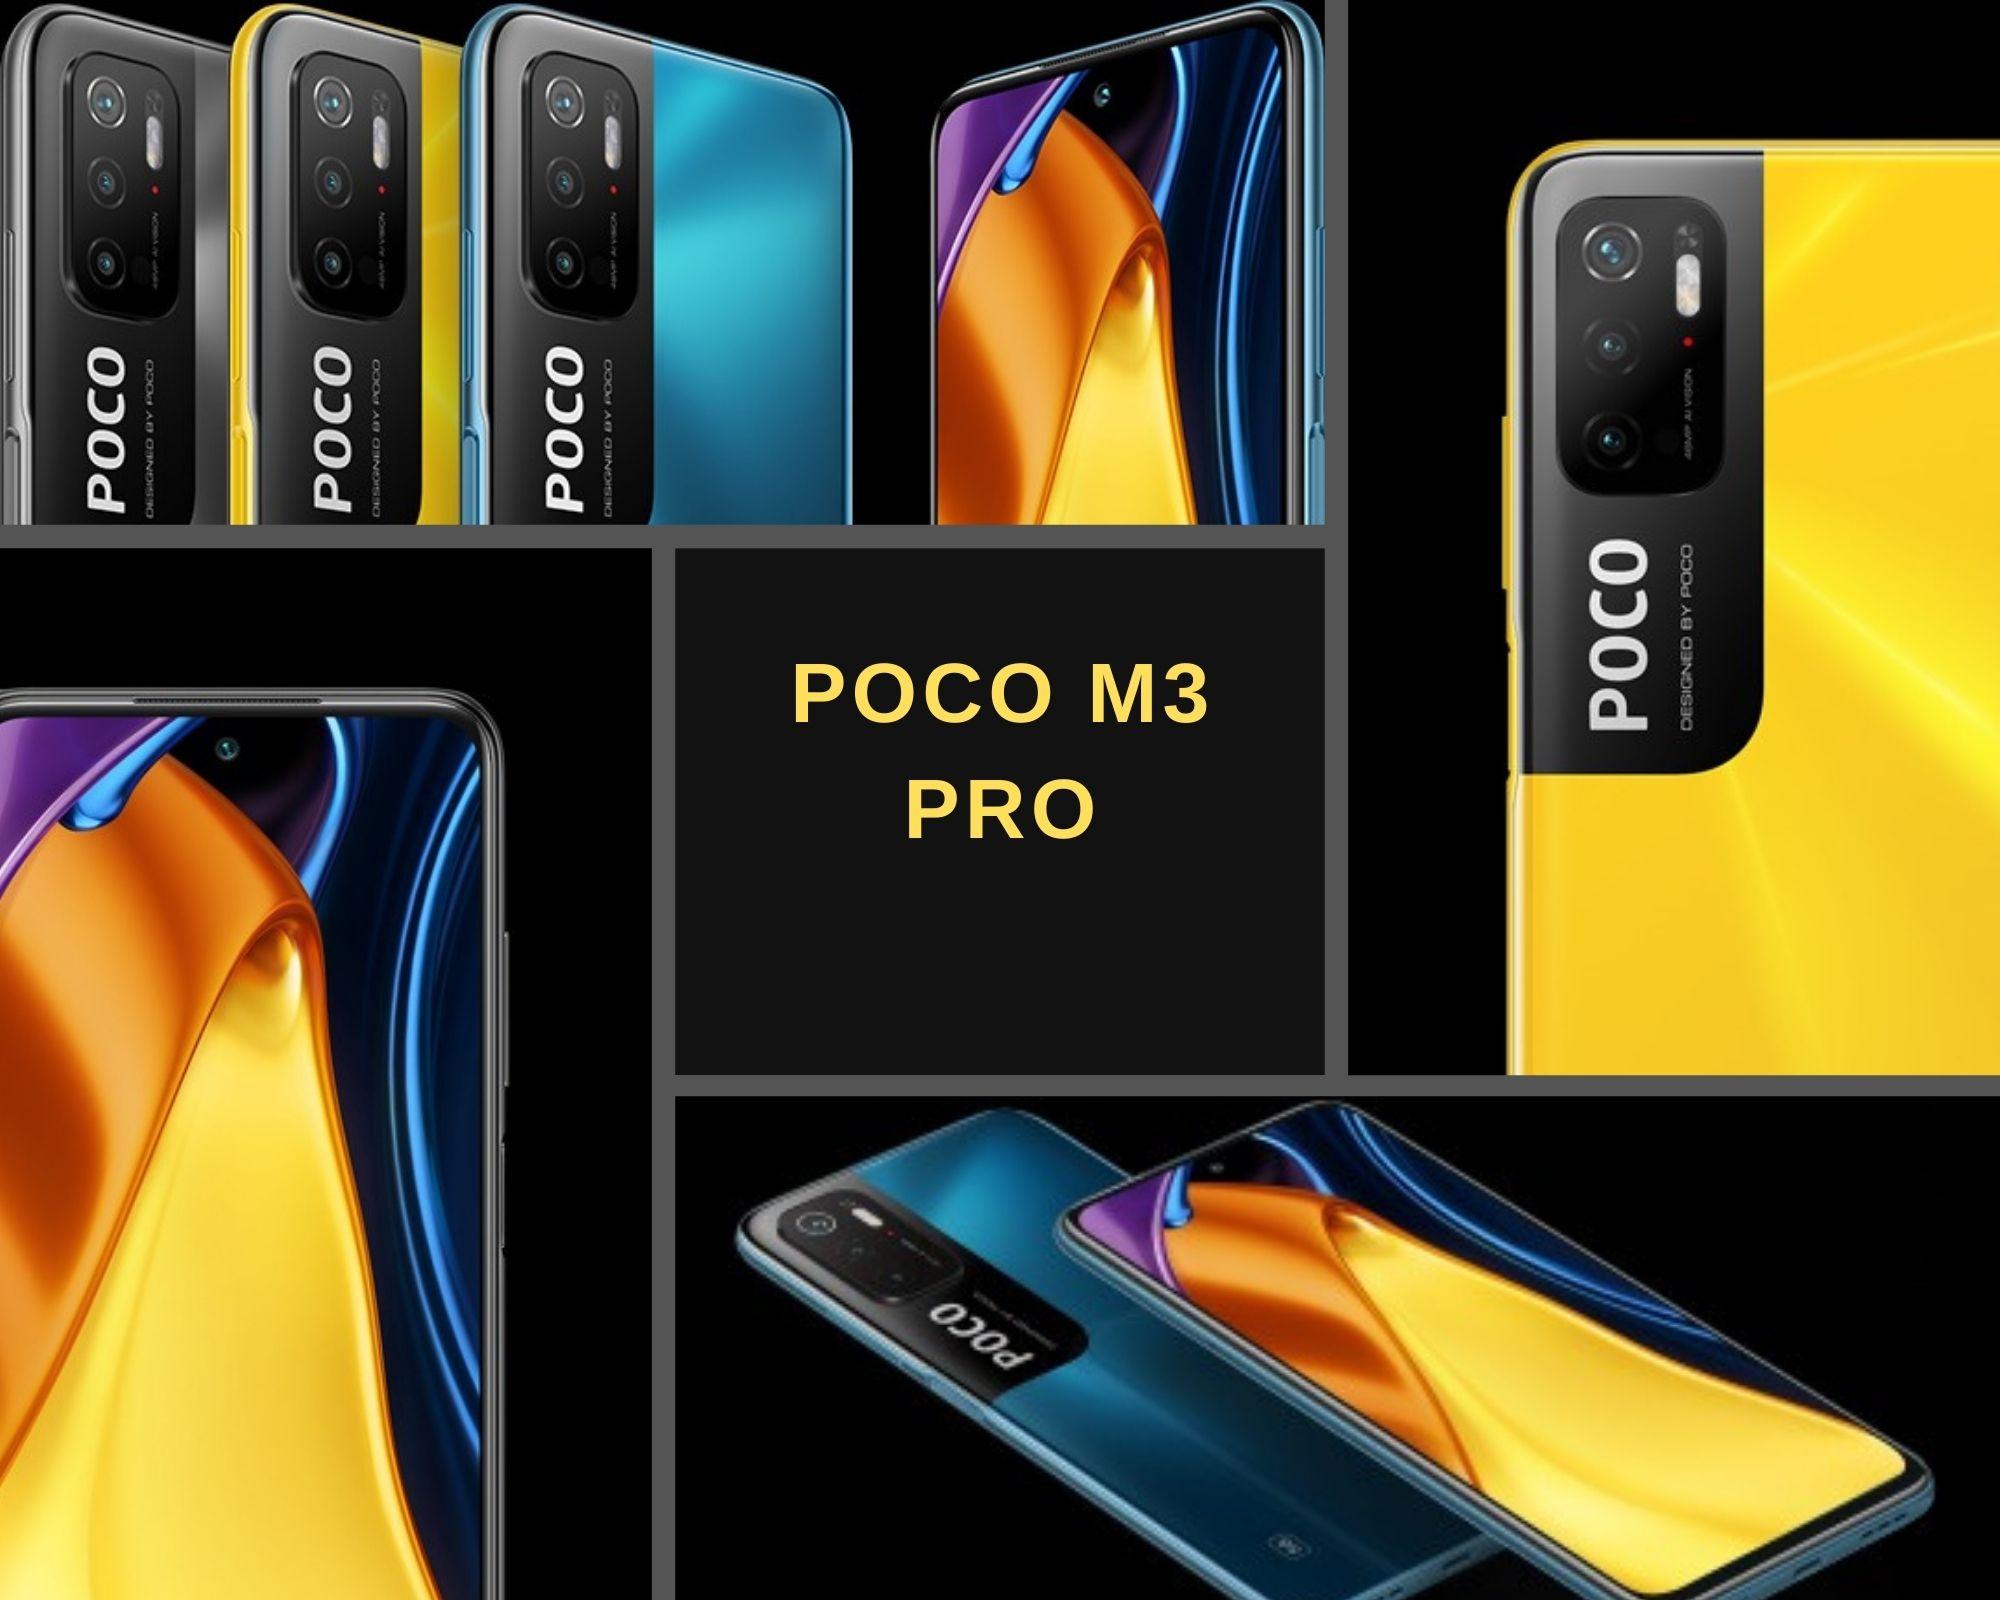 Xiaomi Poco M3 Pro 5G. Ofertas, Descuentos, Cupones y Promociones para adquirirlo Aún más barato